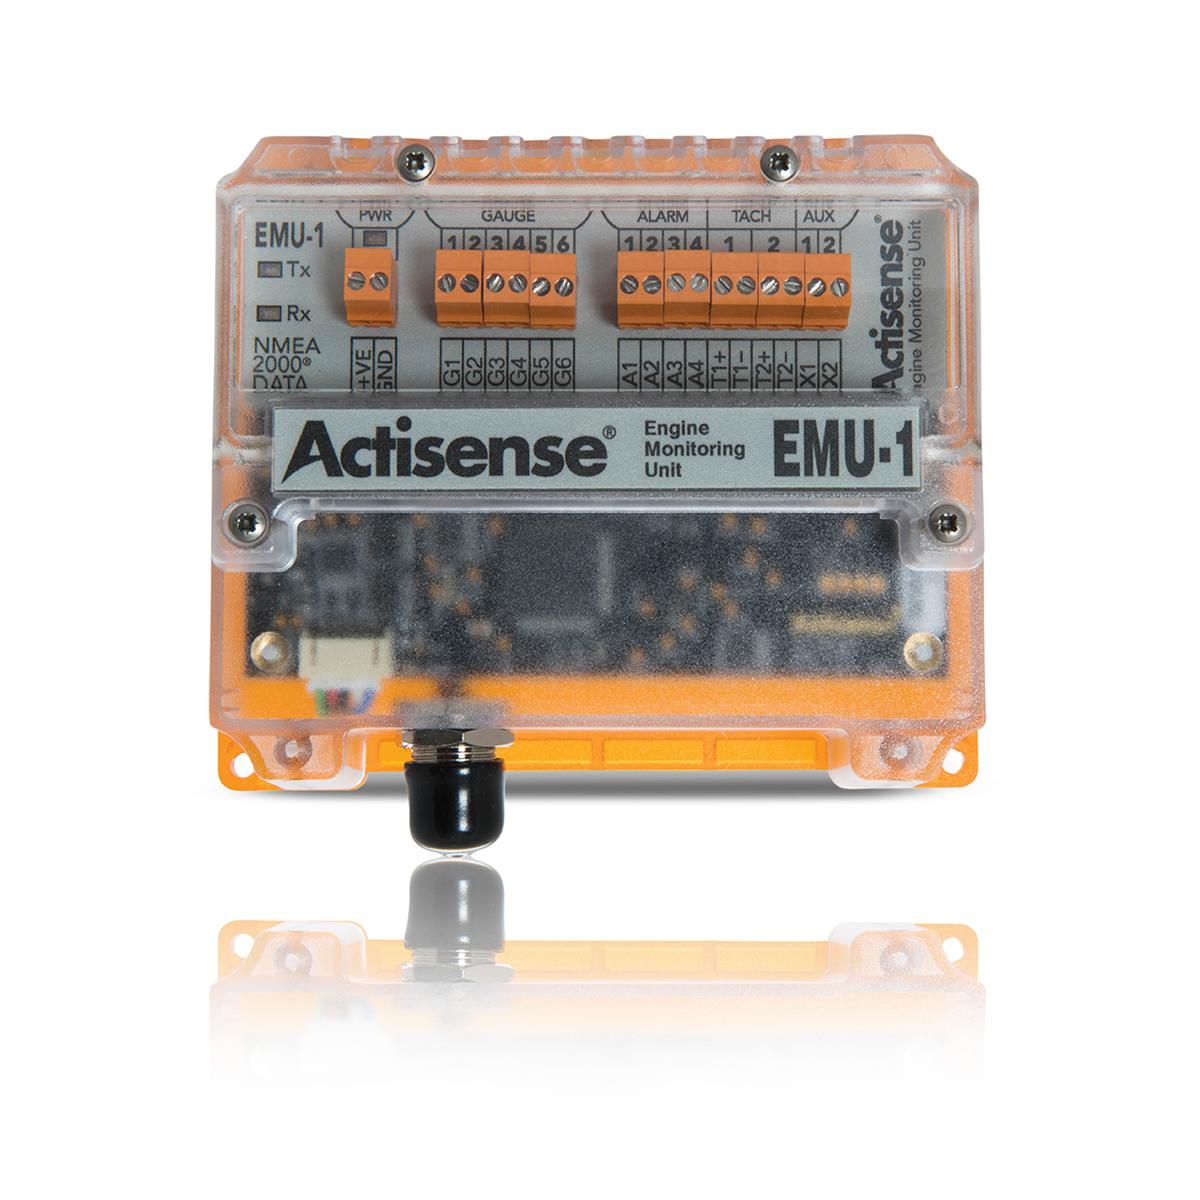 EMU-1 NMEA 0183 Engine Monitoring Unit